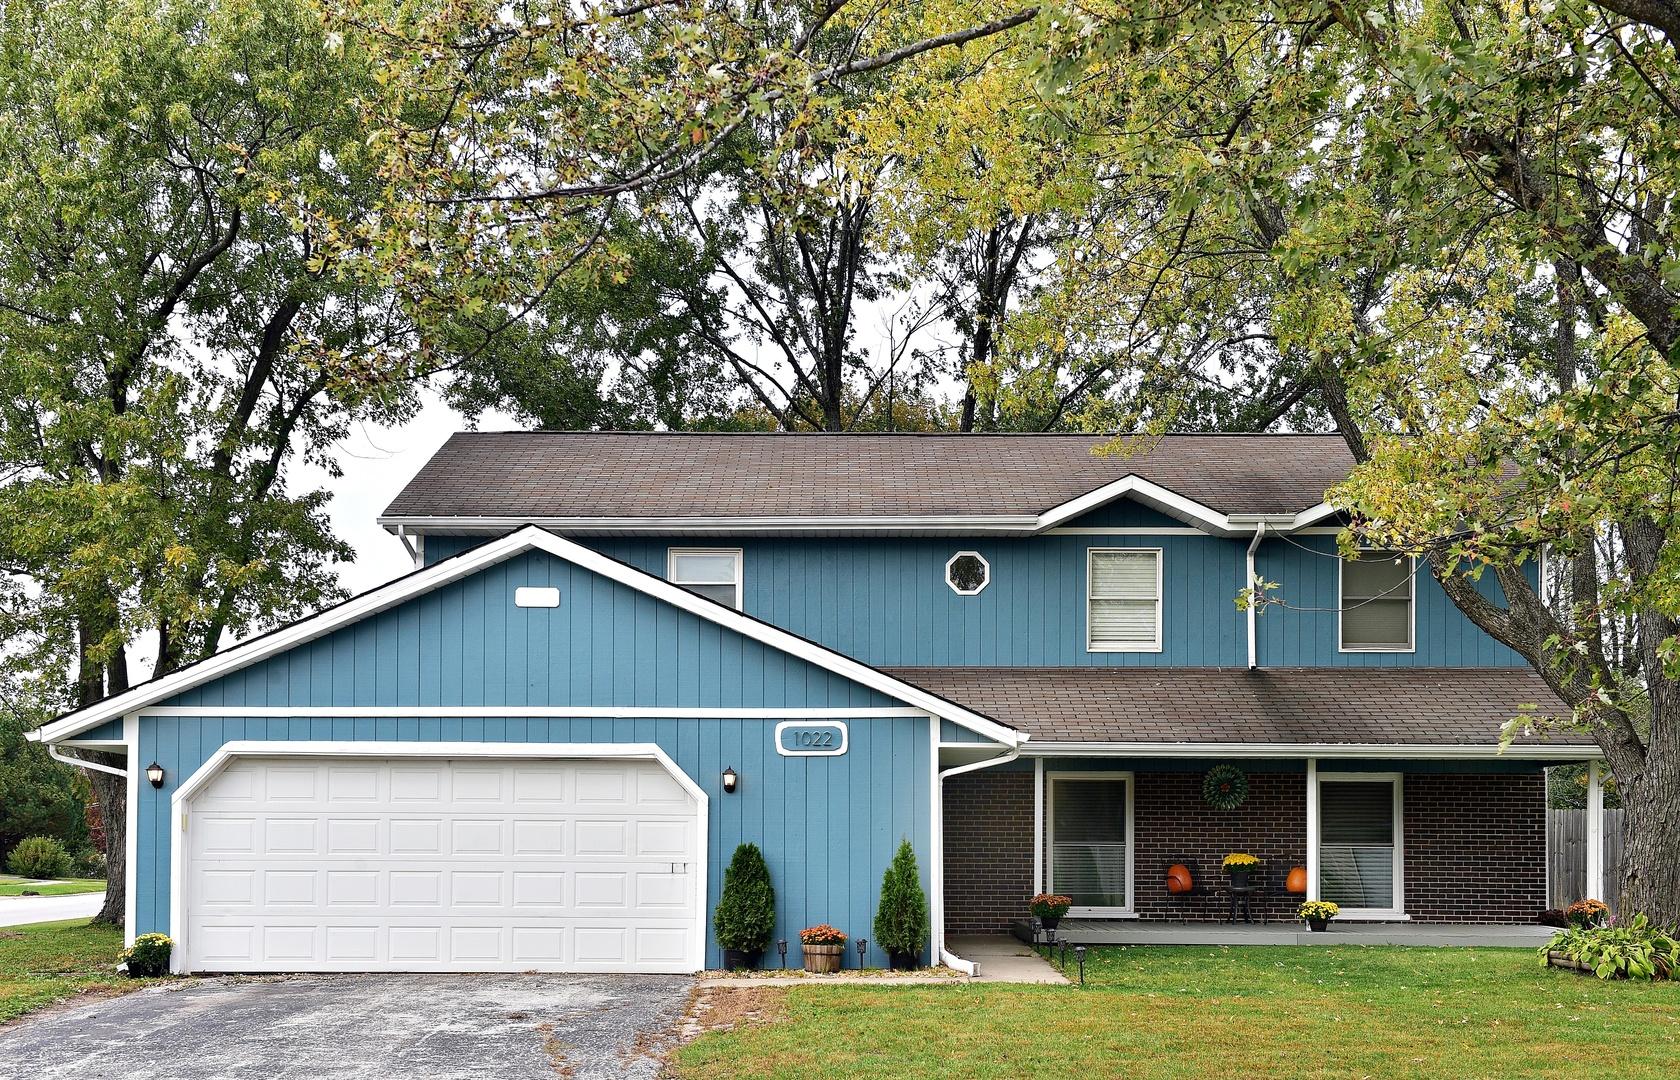 1022 Purdue ,Matteson, Illinois 60443